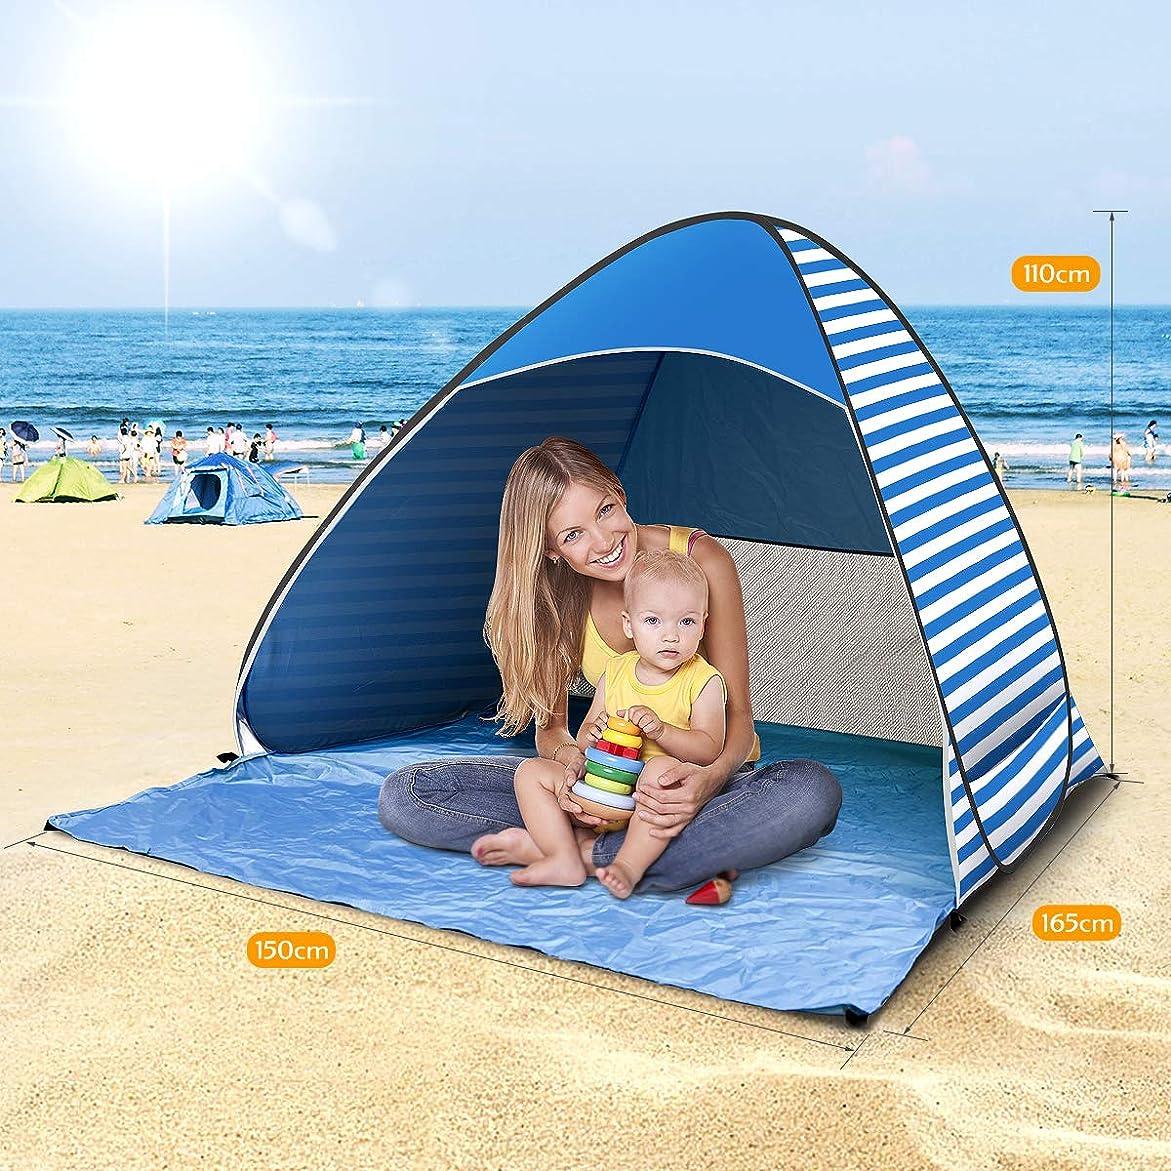 完璧分泌する旅行IREGRO サンシェードテント ワンタッチ おしゃれ 組み立て不要 3秒設置 ポップアップテント 簡易 日除けテント ビーチテント UVカット2-3人用 超軽量 アウトドアキャンプ用品 着替えテント 収納キャリーバッグ付き